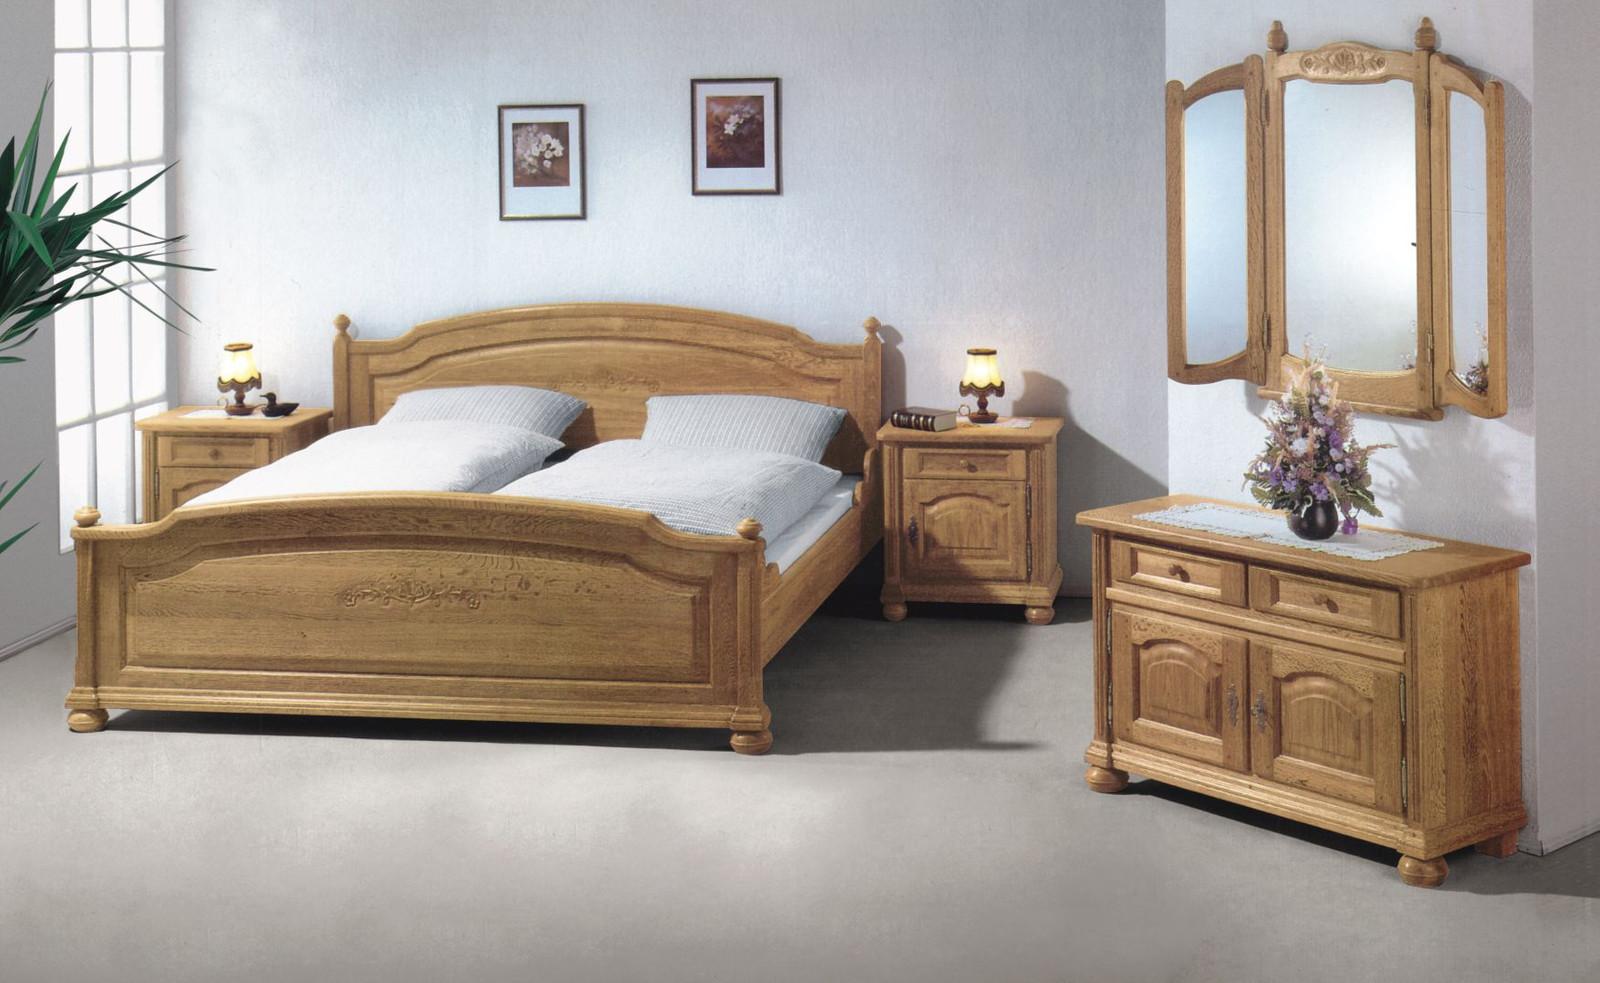 Schlafzimmerprogramm Weissensee, Rustikal / Klassisch   Bett,  Kleiderschrank Und Nachtschränke, Eiche Massiv Gelaugt Oder Anderer Farbton